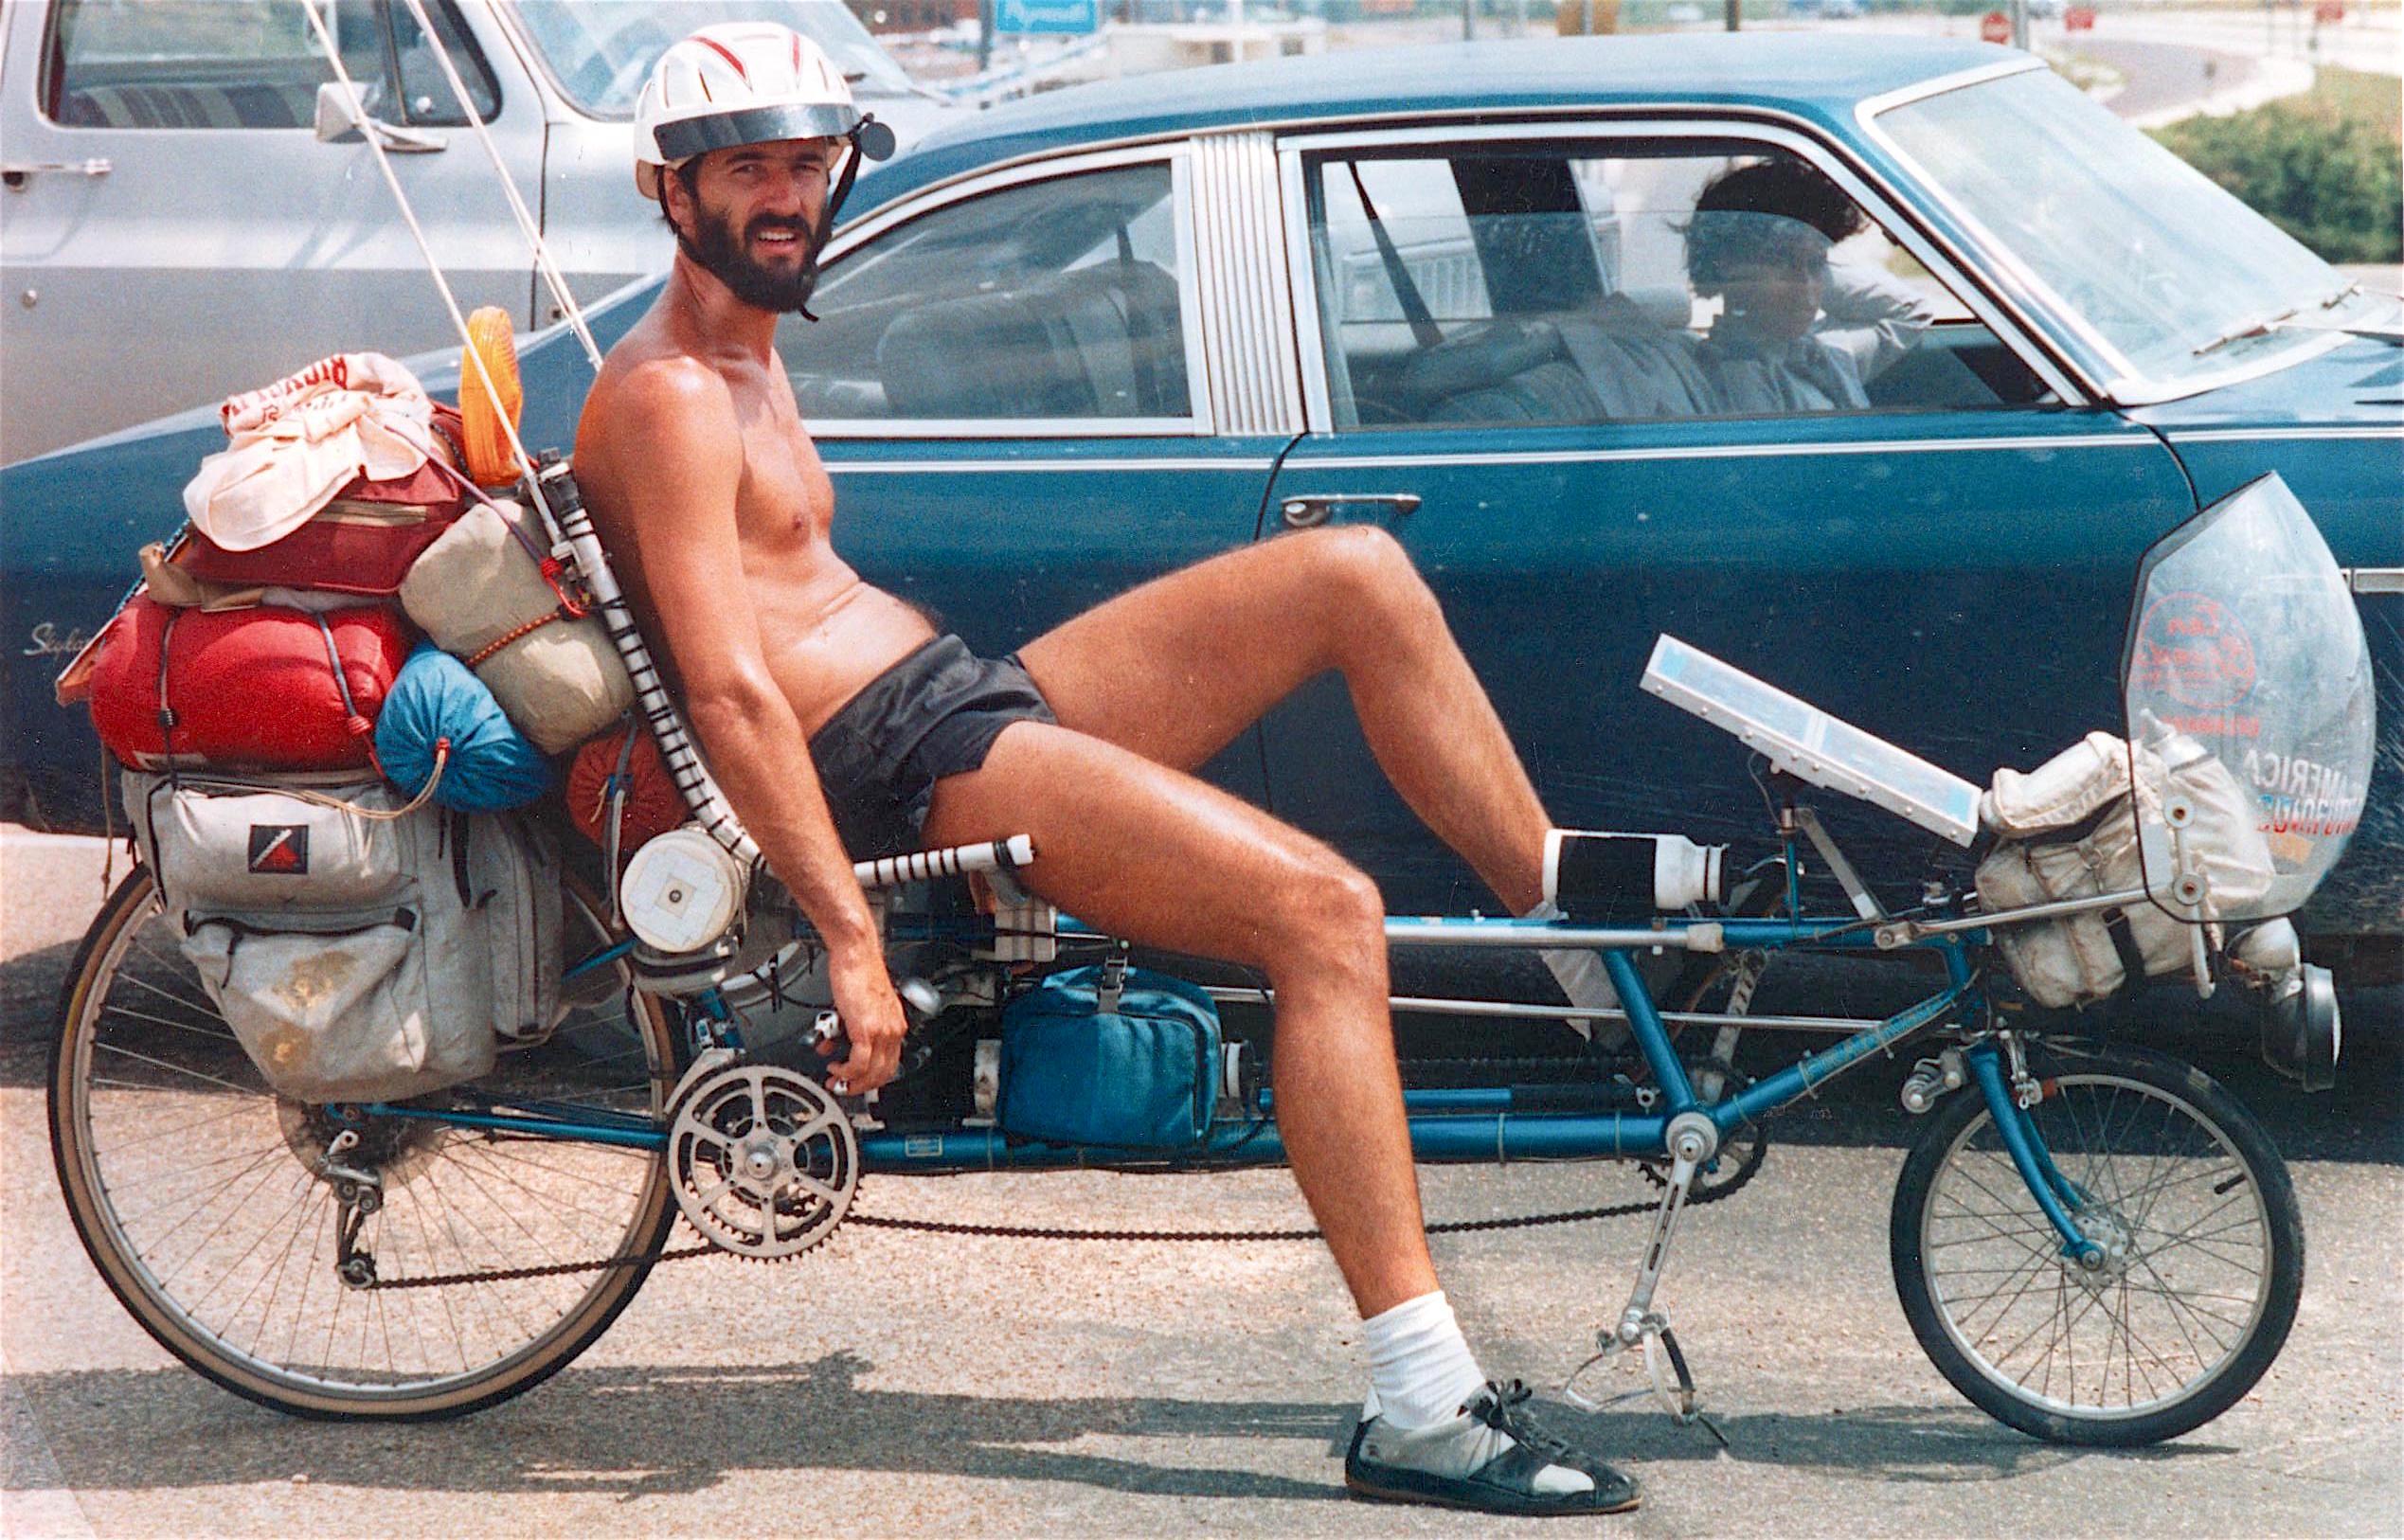 Steven Roberts on Winnebiko in Huntsville, Texas - May 24, 1984 (photo by Jimmie Morris)